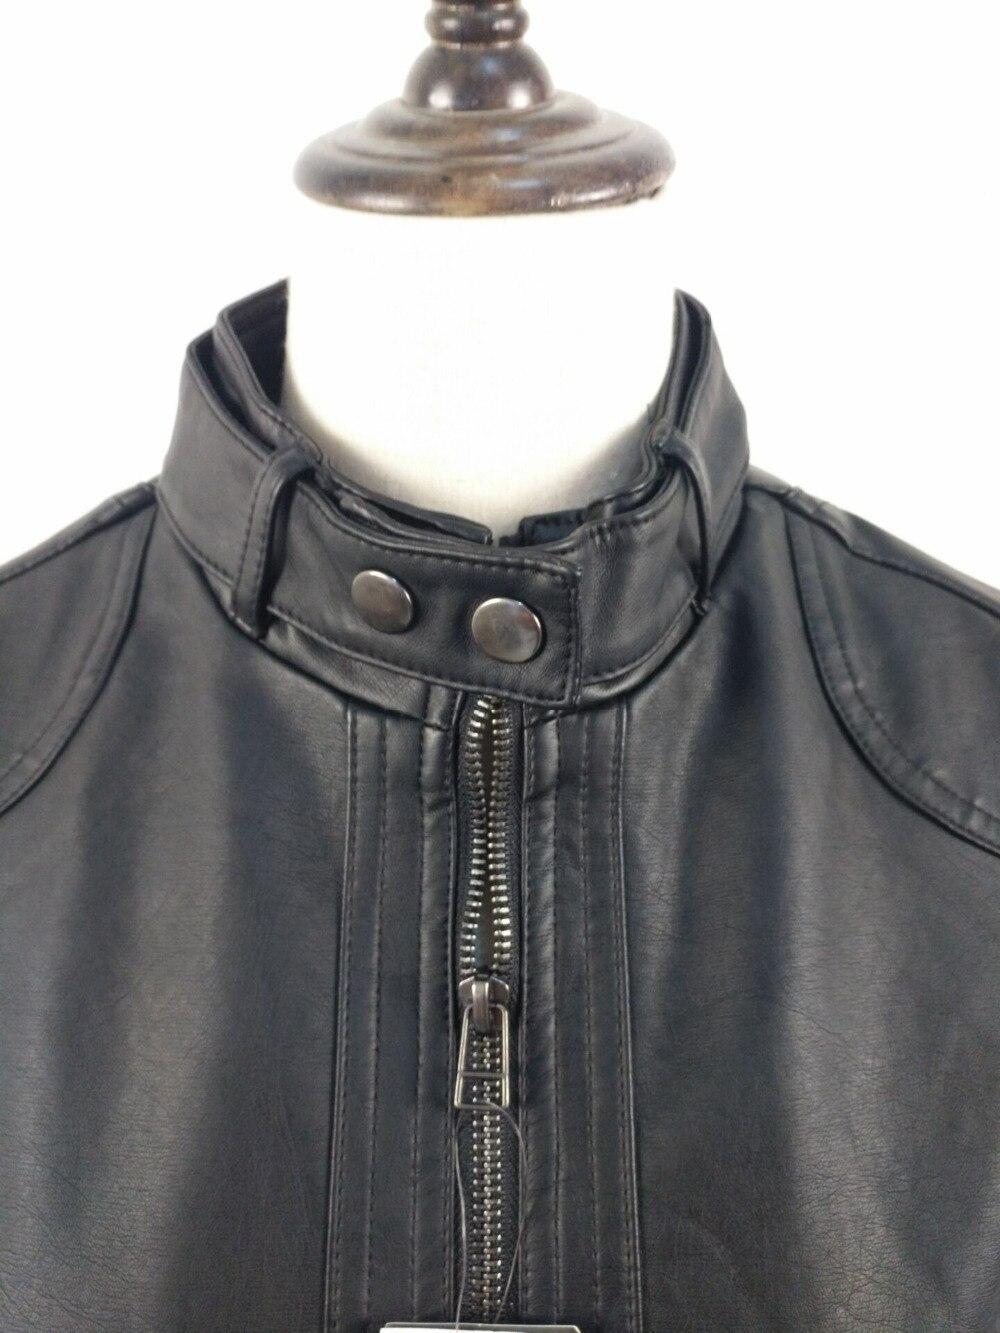 Leather jacket europe - New Women Jacket Europe Fashion Leather Jacket Pimkie Wash Single Pu Leather Motorcycle Temale Women Leather Jacke In Basic Jackets From Women S Clothing